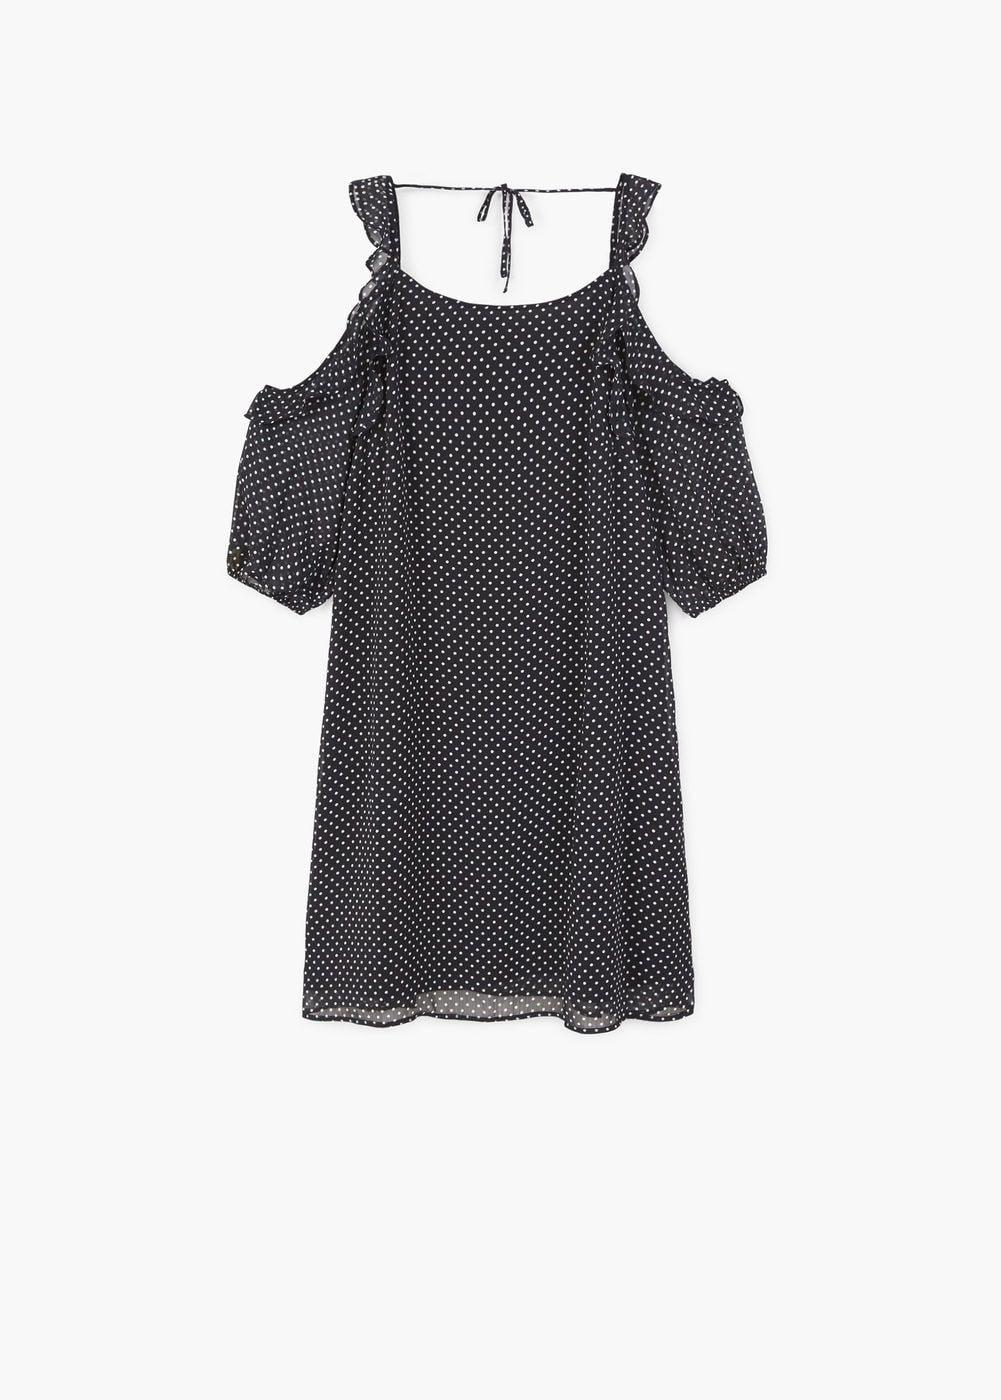 Geblümtes Coldshoulder Kleid  Damen  Kleider Für Frauen